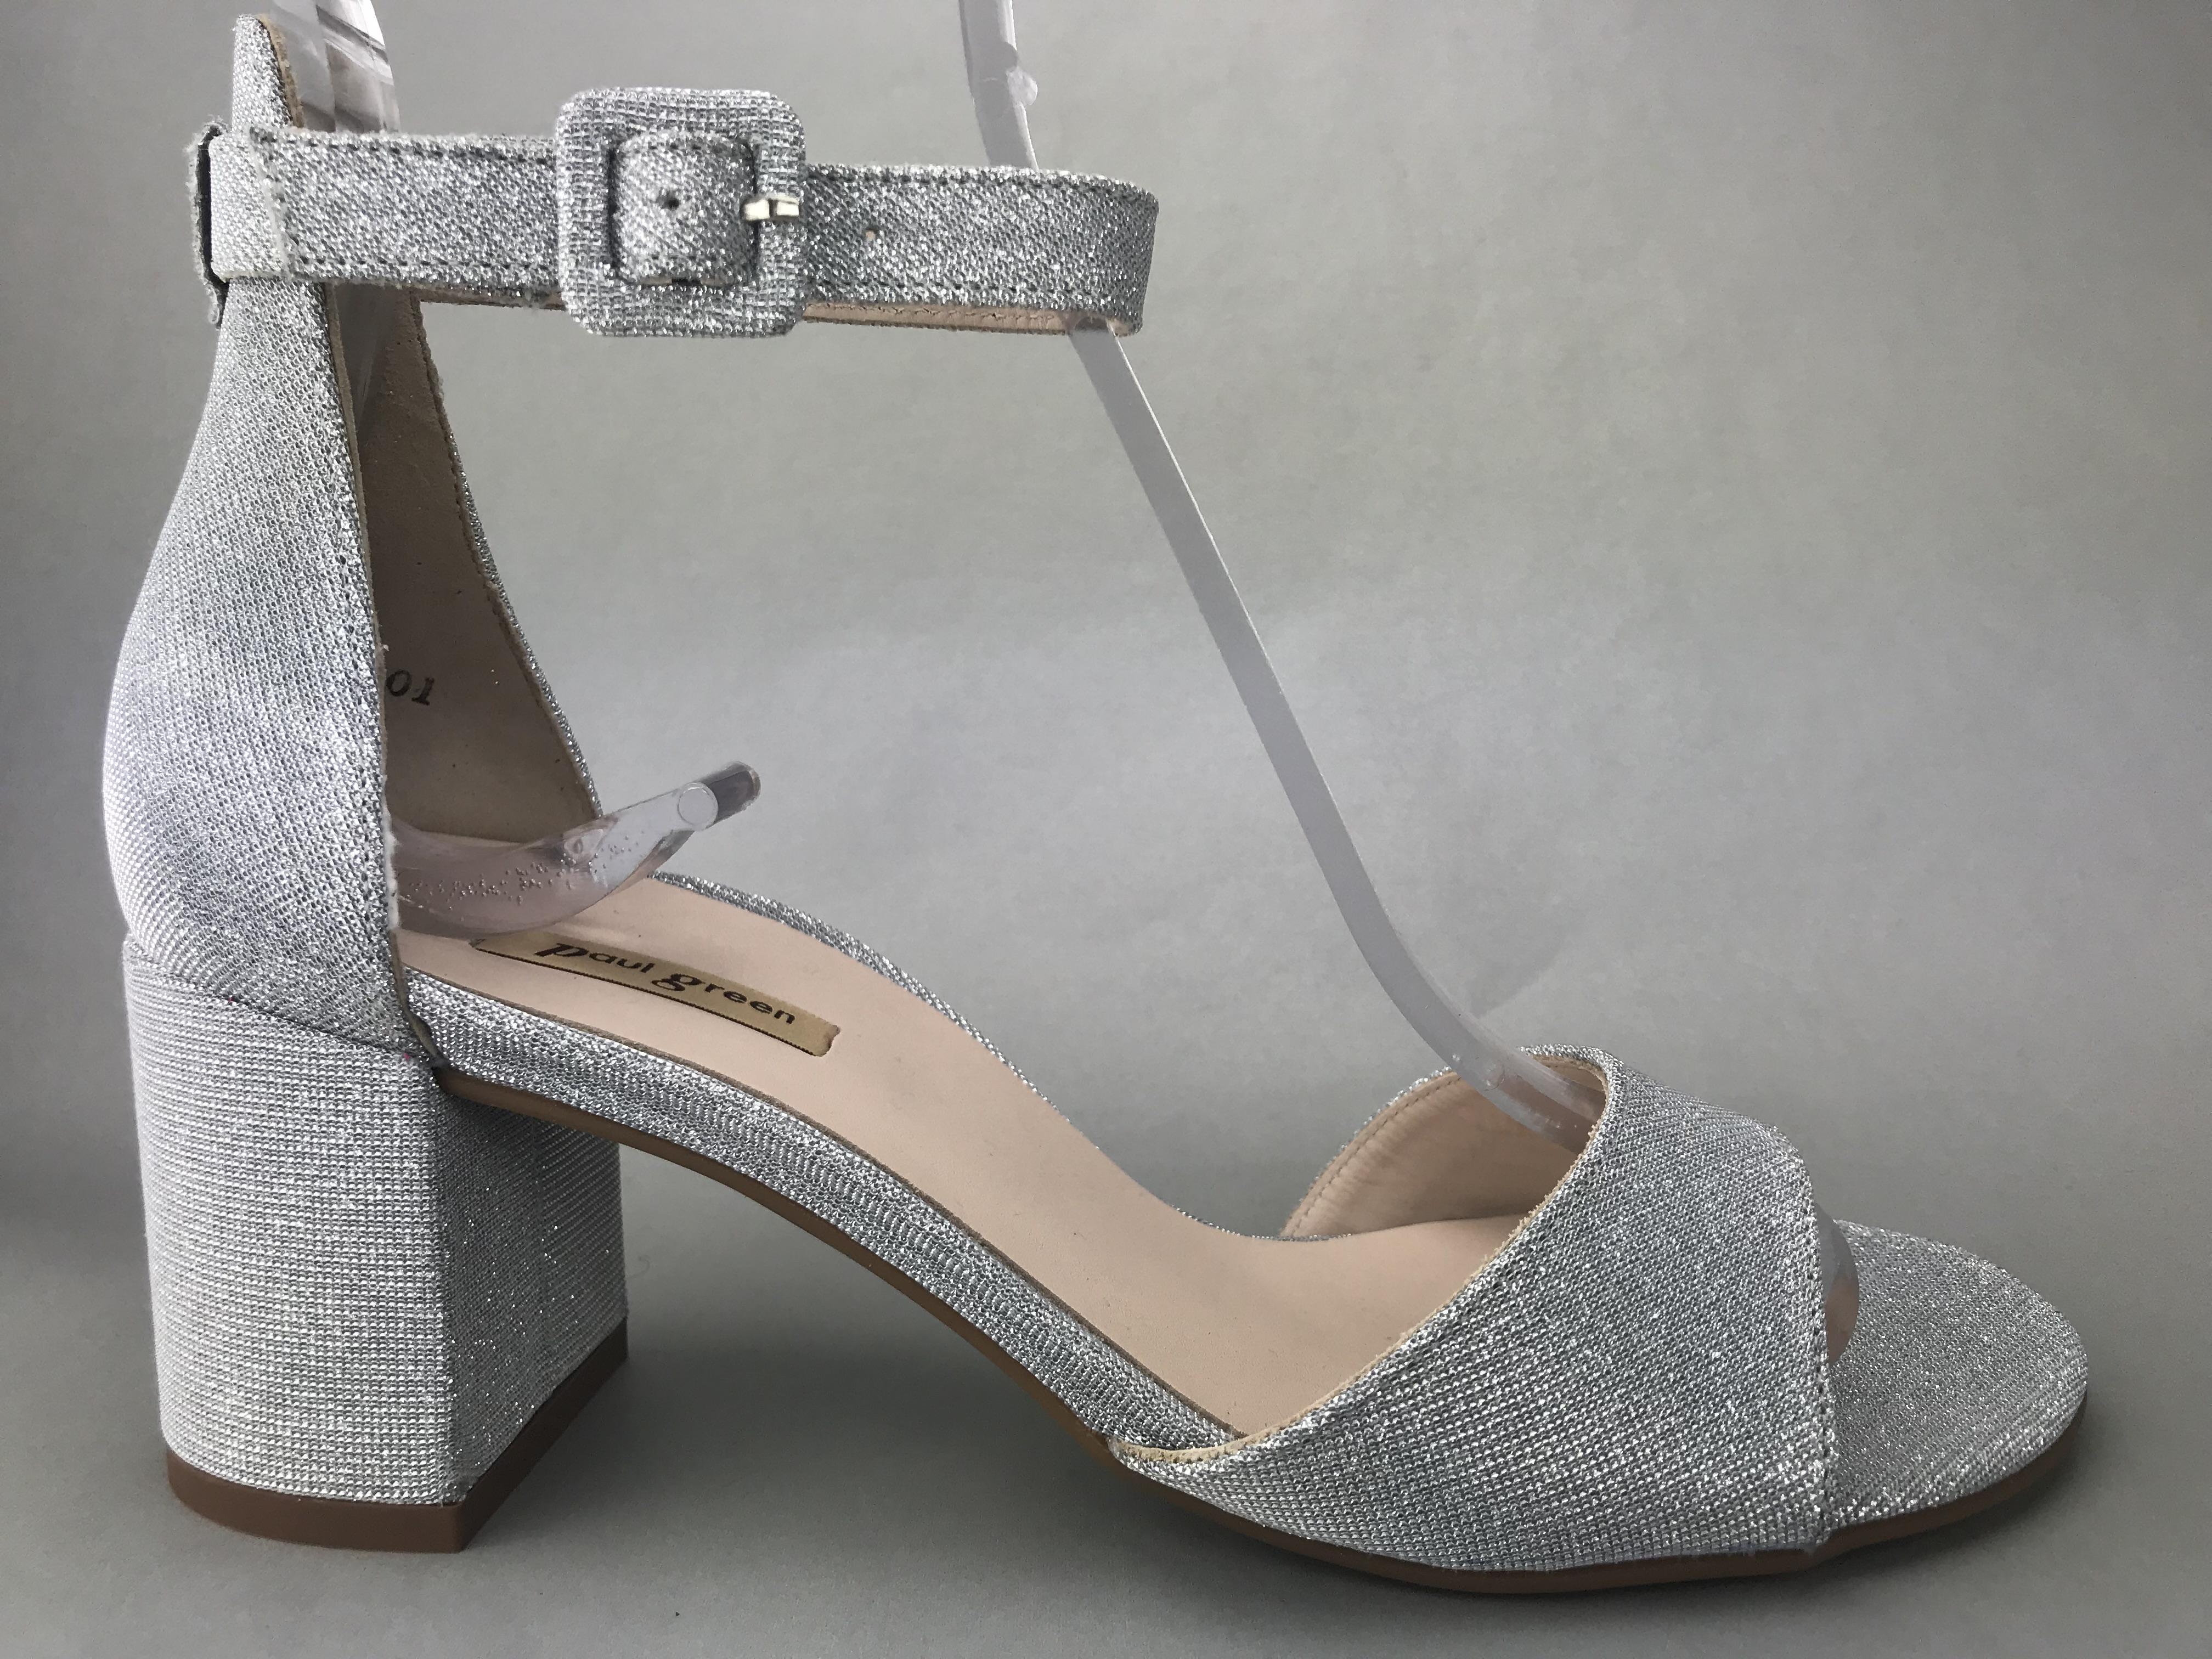 052806e8 Paul Green sandal m. hæl - sølv - DAME - zjoos-hjoerring.dk